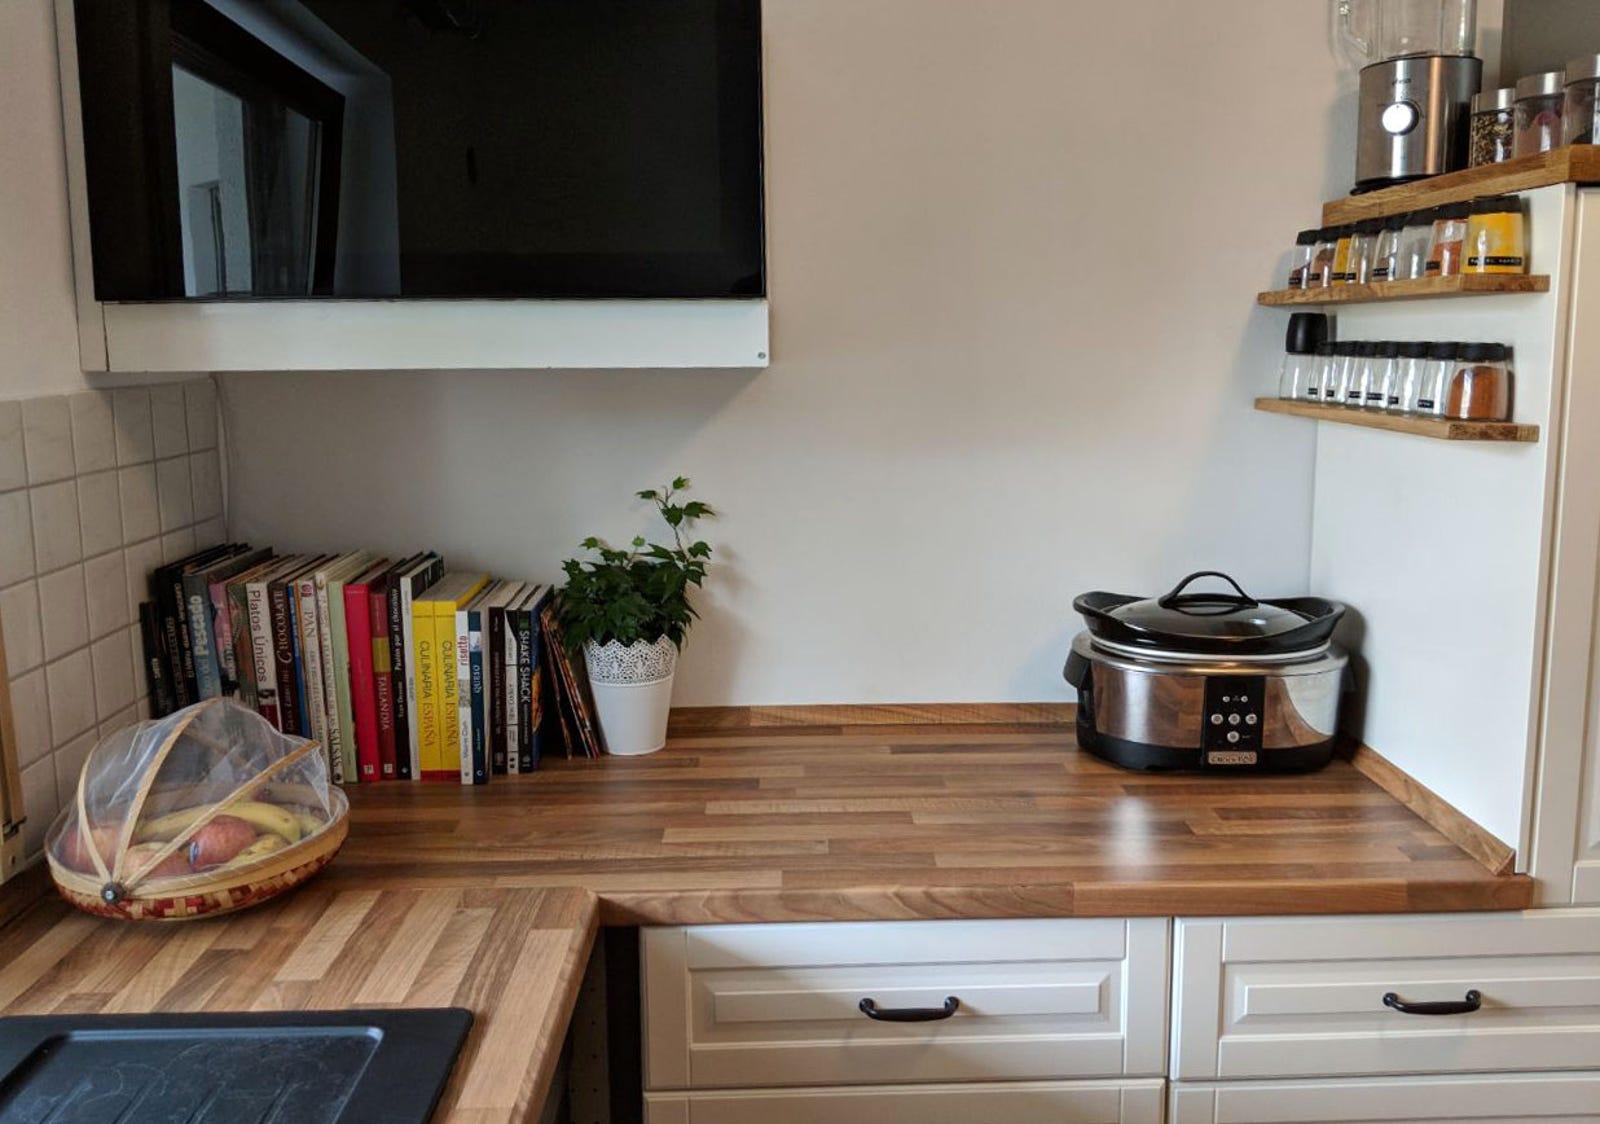 como nivelar un mueble de cocina ikea